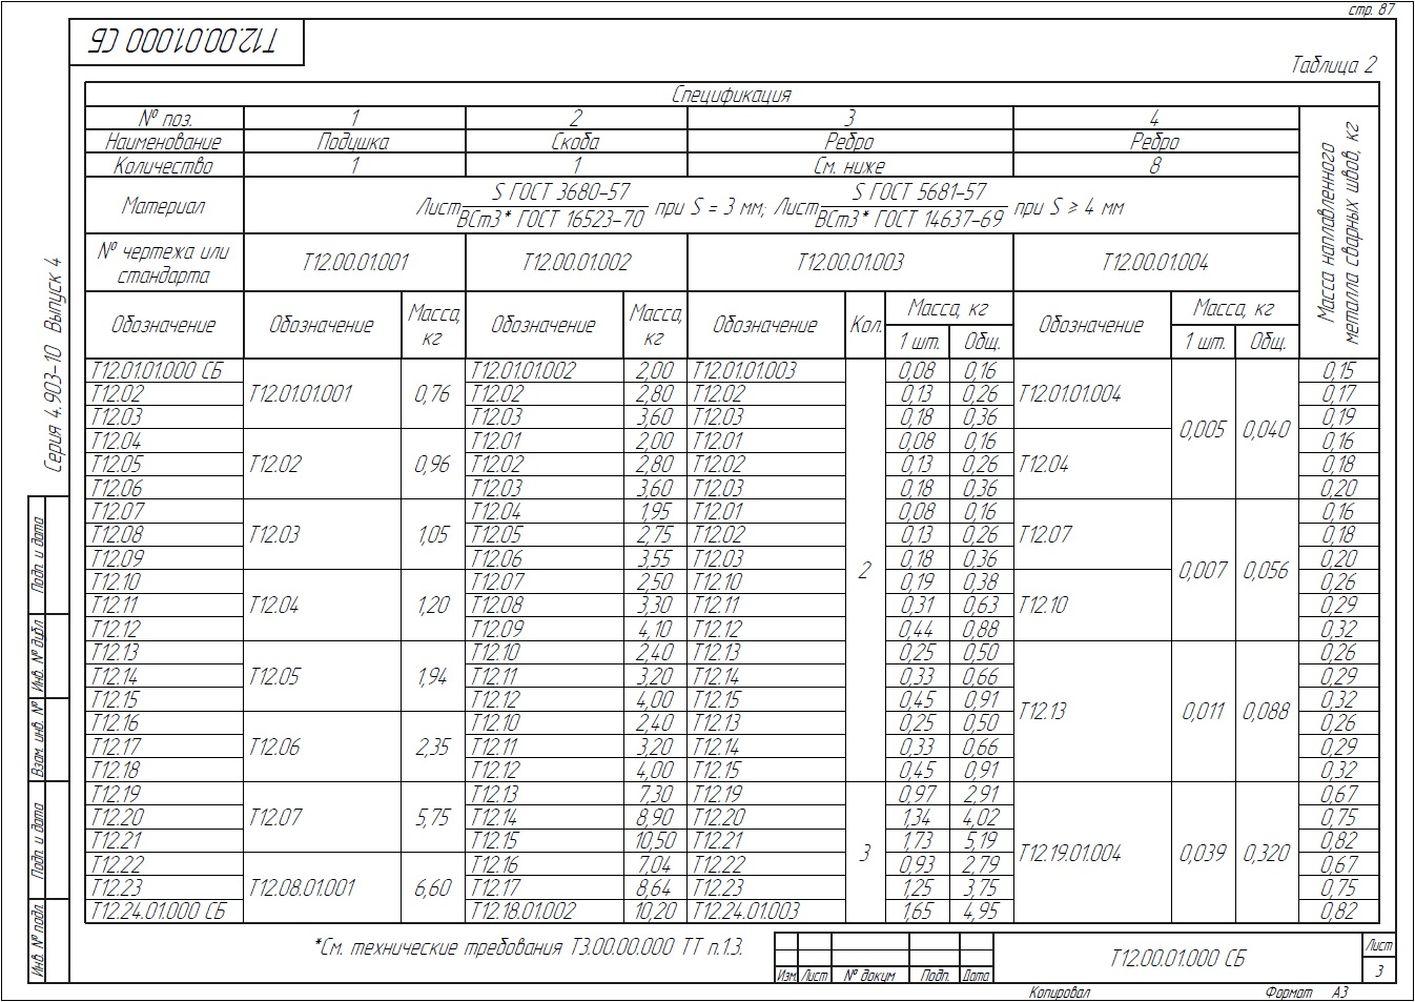 Опора неподвижная хомутовая Т12 серия 4.903-10 вып.4 стр.8